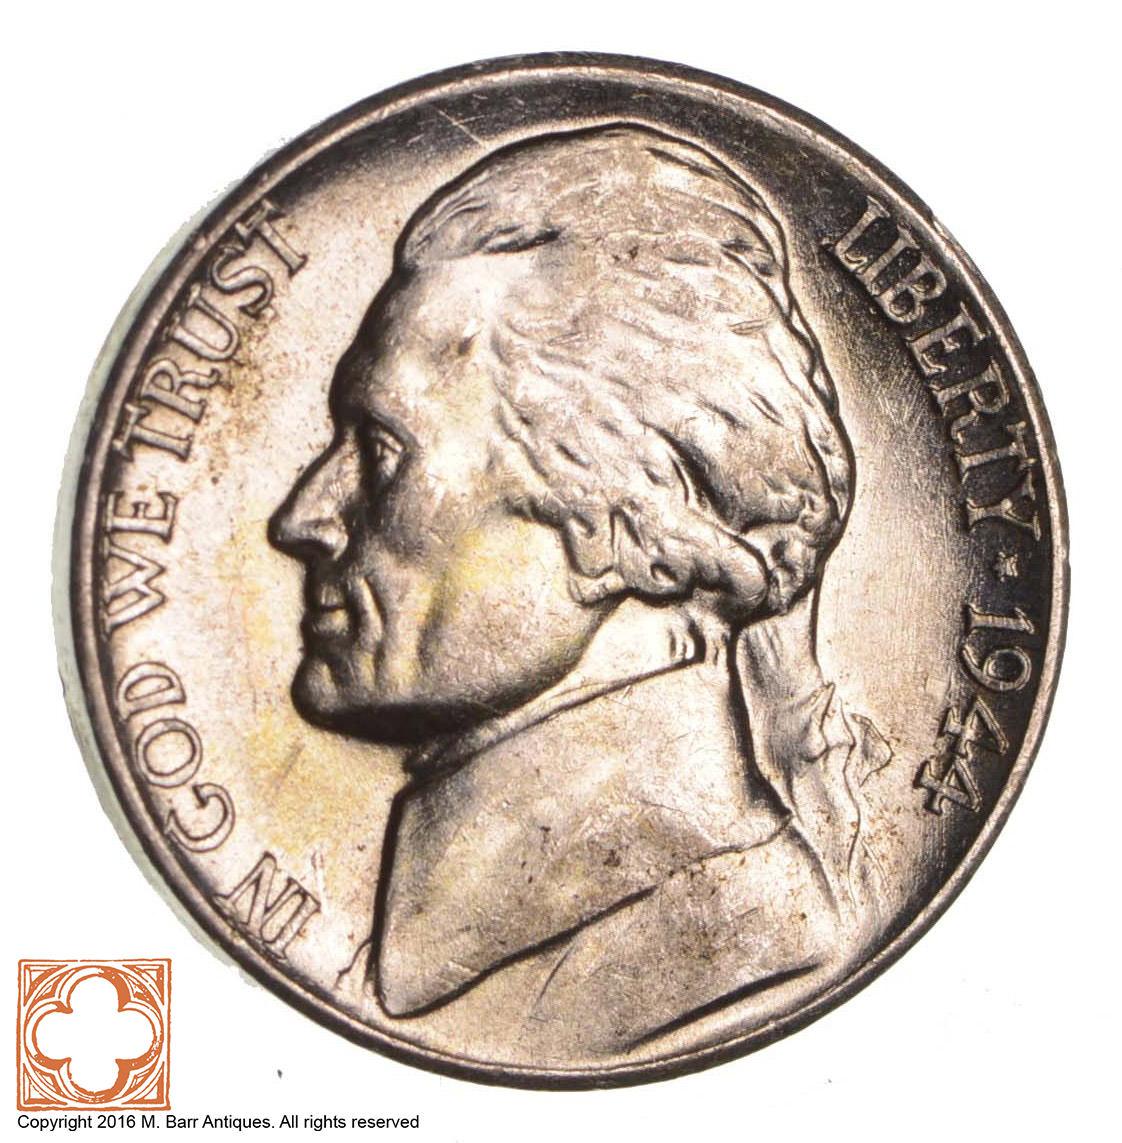 5c BU 1944 D Jefferson WARTIME Silver Nickel